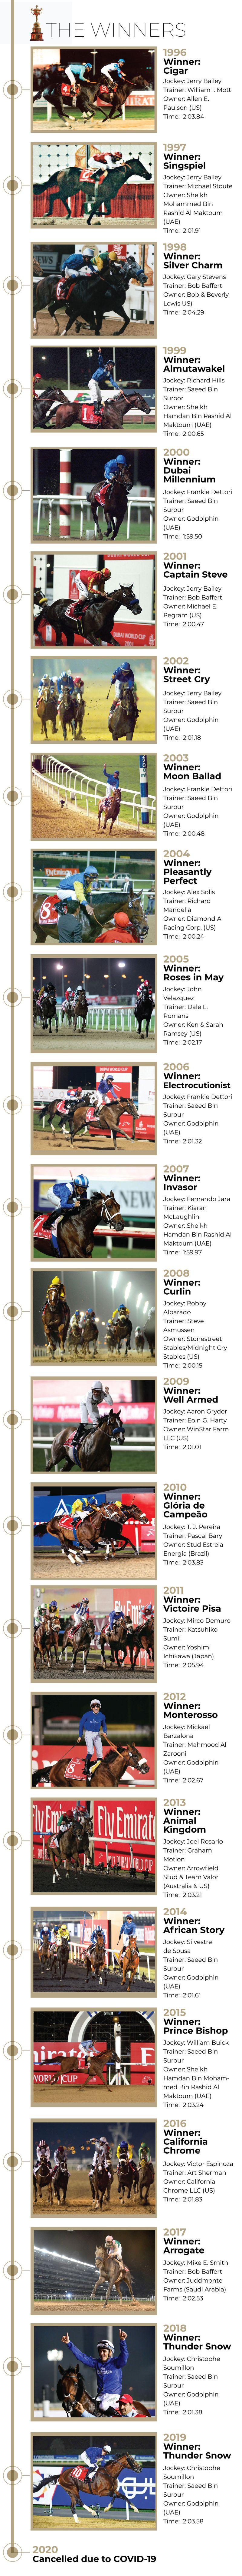 20210321-Horse-Racing_timeline-V2